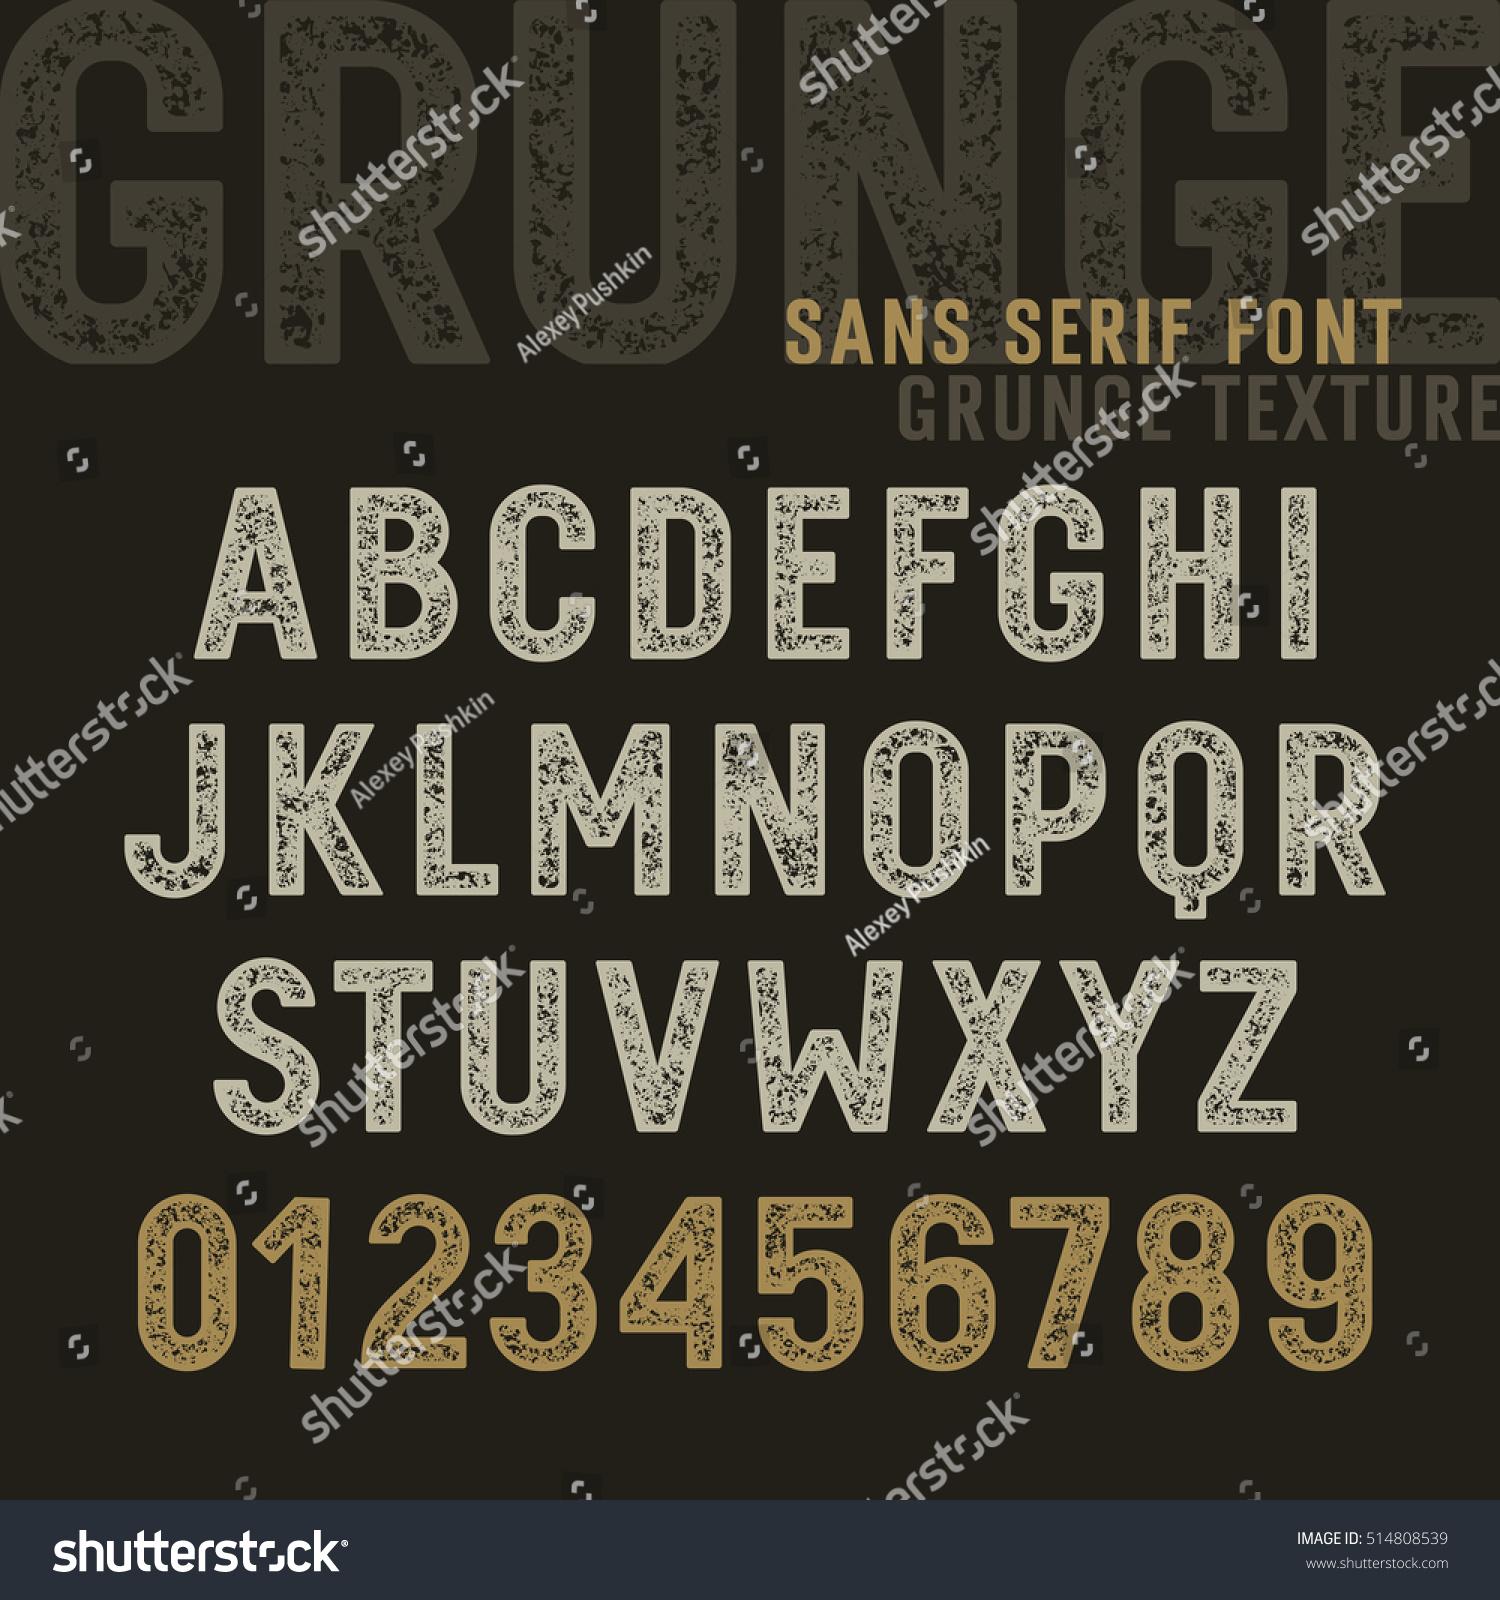 Vector de stock (libre de regalías) sobre Original Sans Serif Font